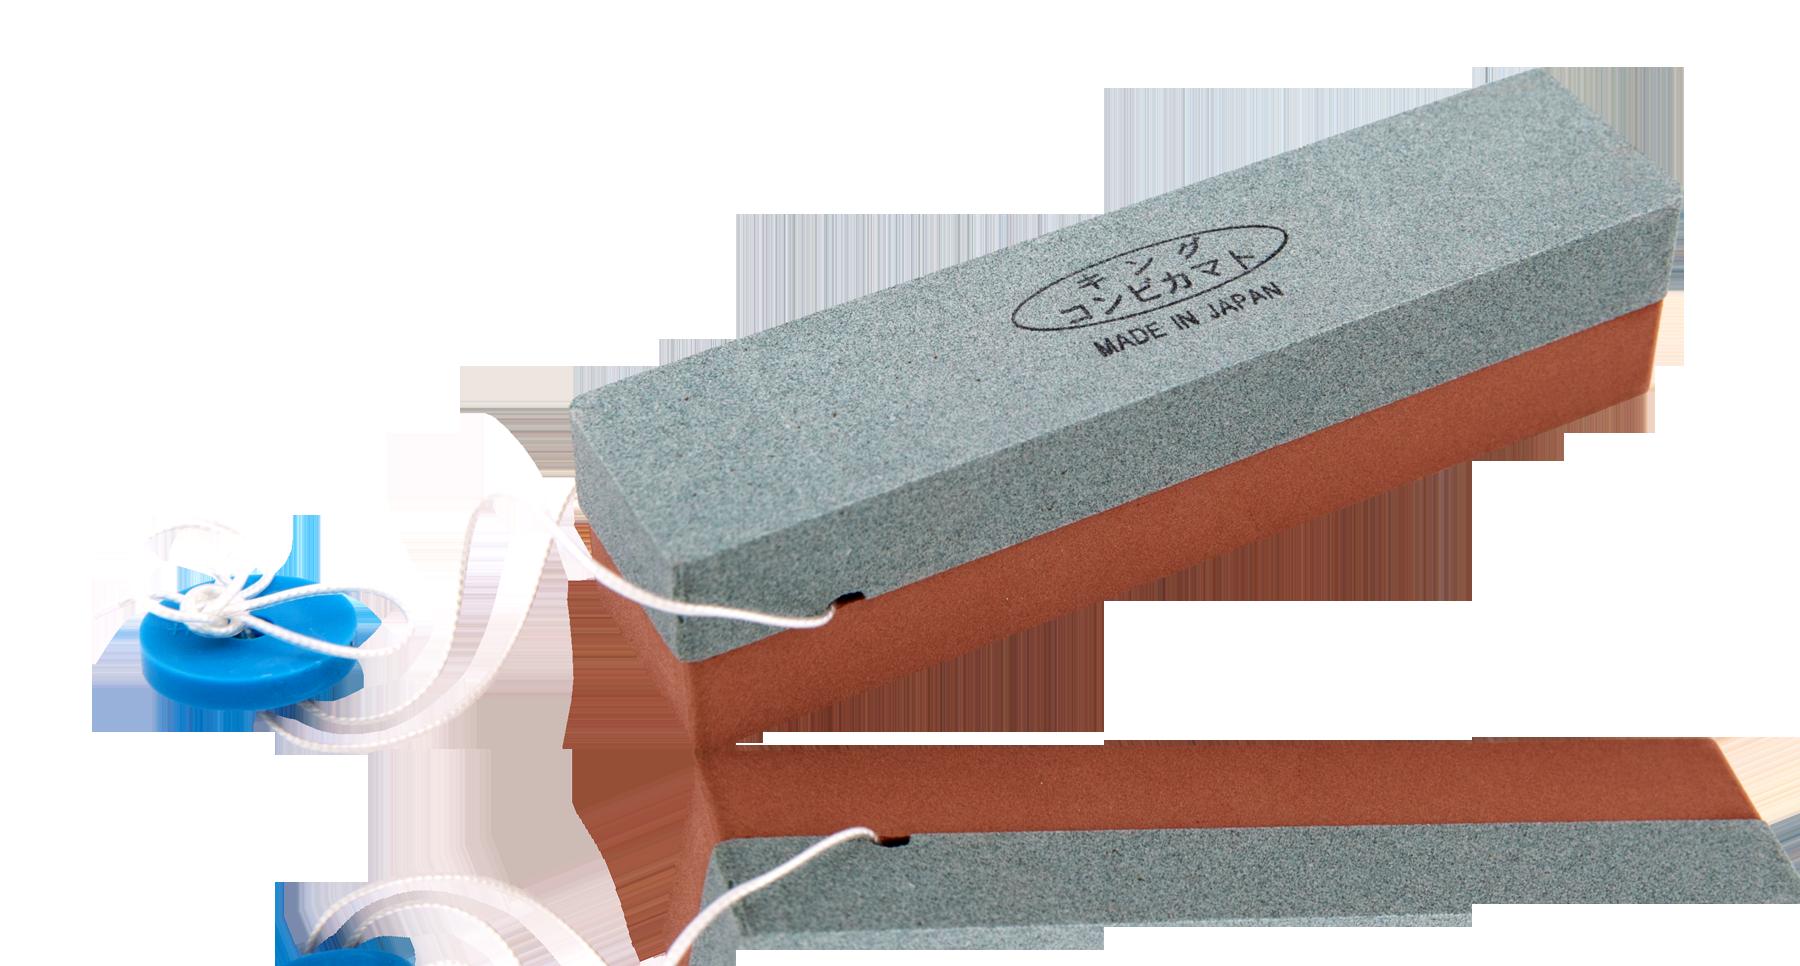 Камень точильный водный комбинированный 135*30*30мм грубый/средний компактный #250/#1000, King комбинированный ключ 30мм 45град king tony 1063 30